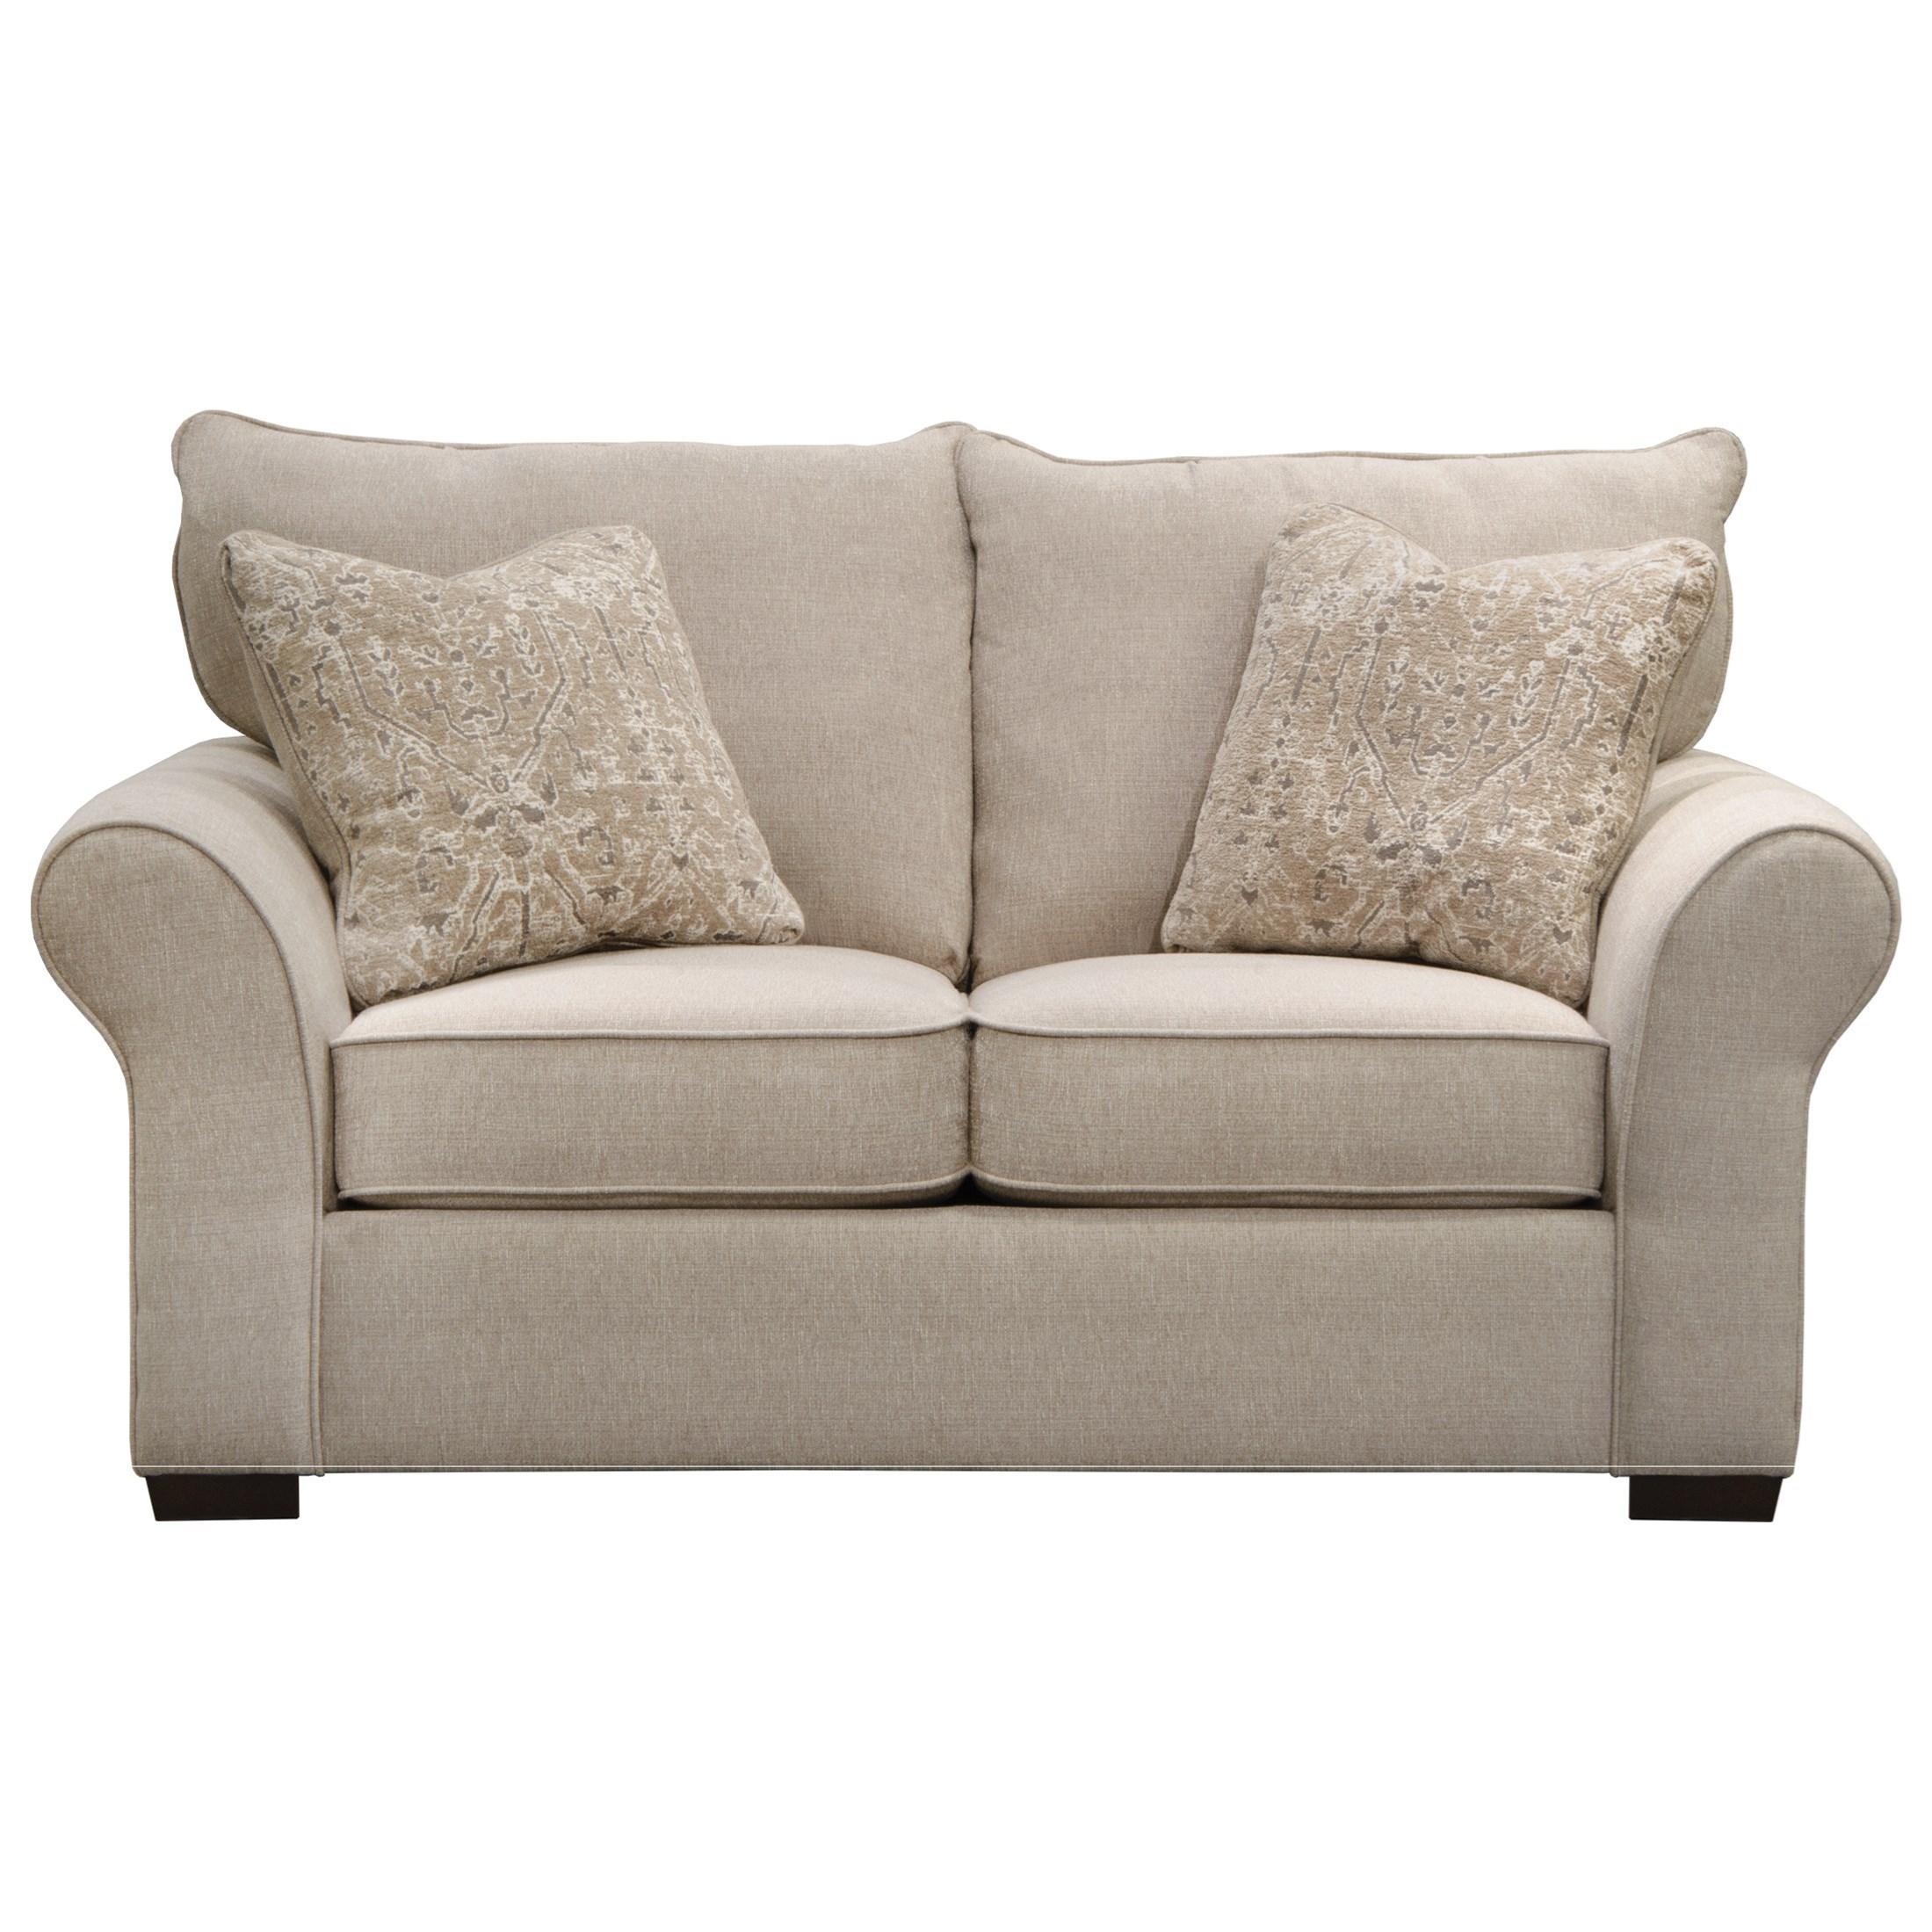 Furniture Furniture Stores In Lake Jackson Texas: Jackson Furniture Maddox 4152-02 Transitional Loveseat